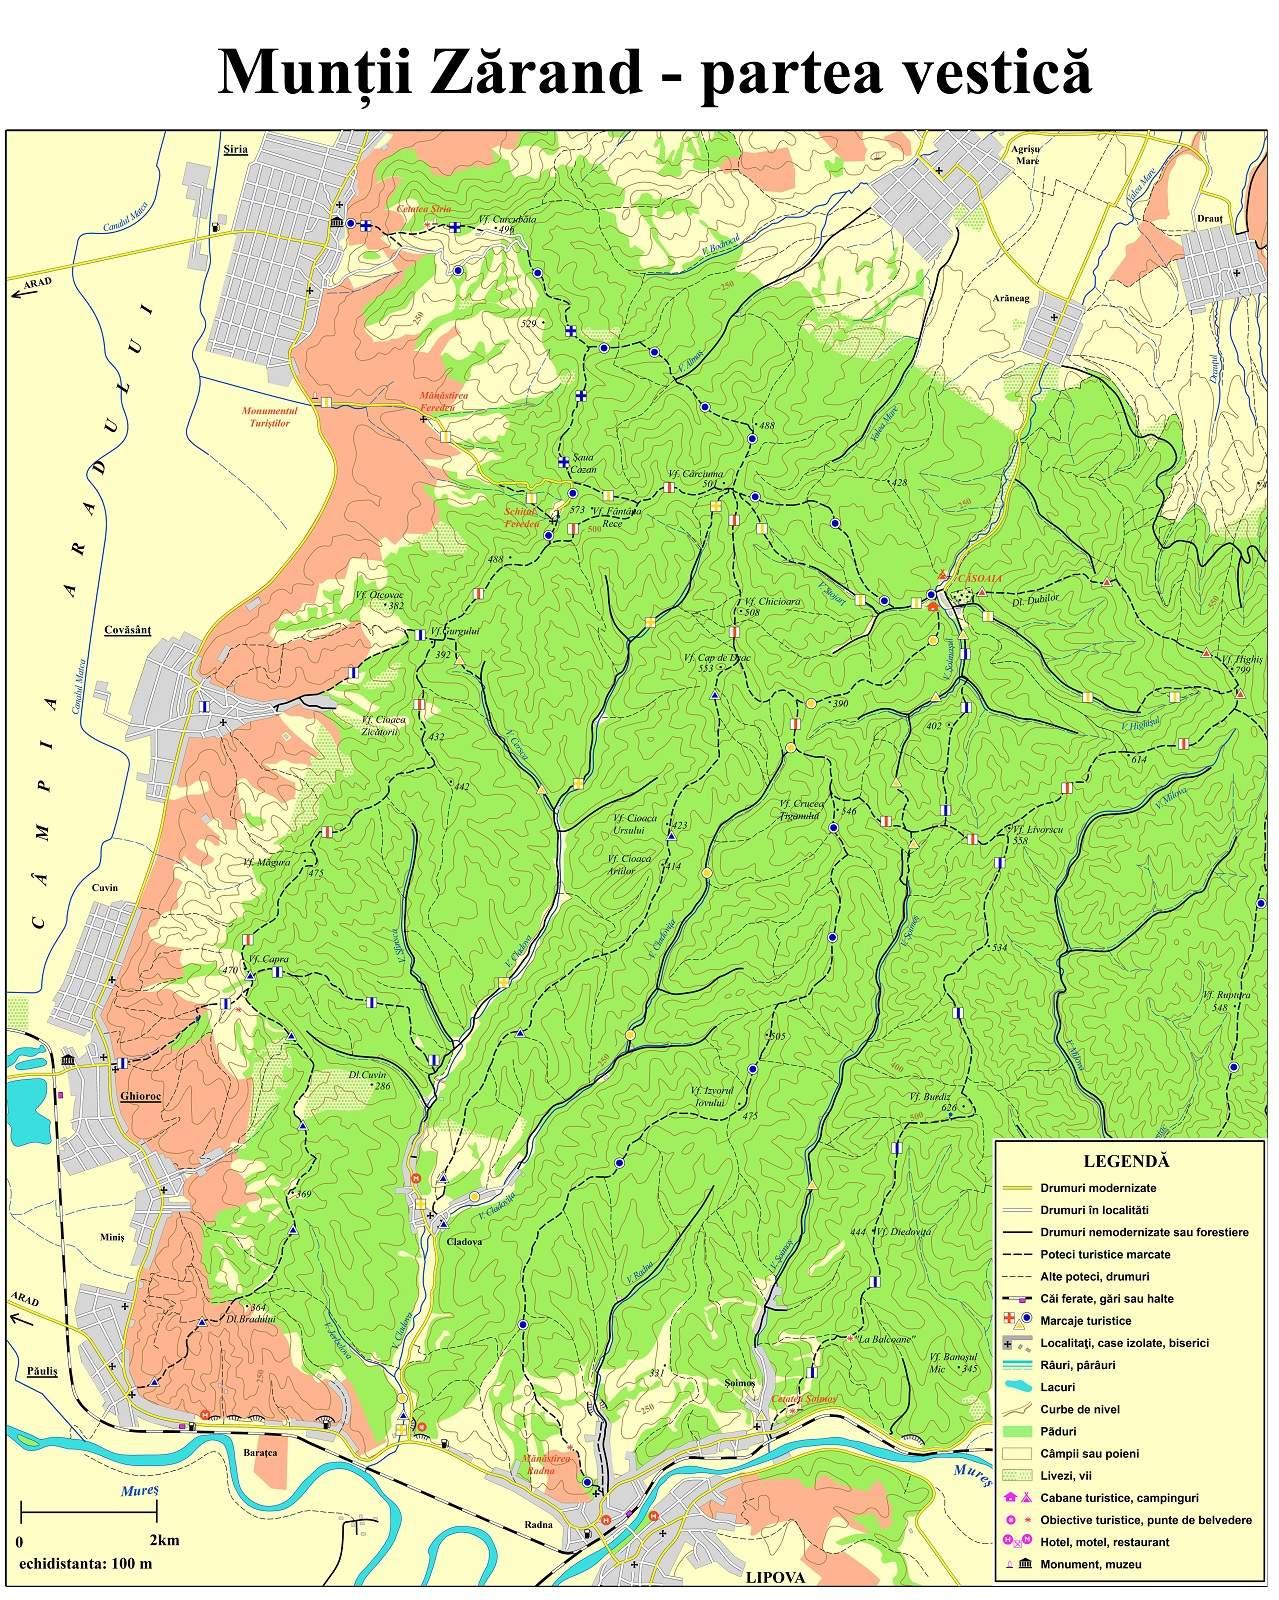 muntii-zarand-partea-vestica-2016-harta-mica